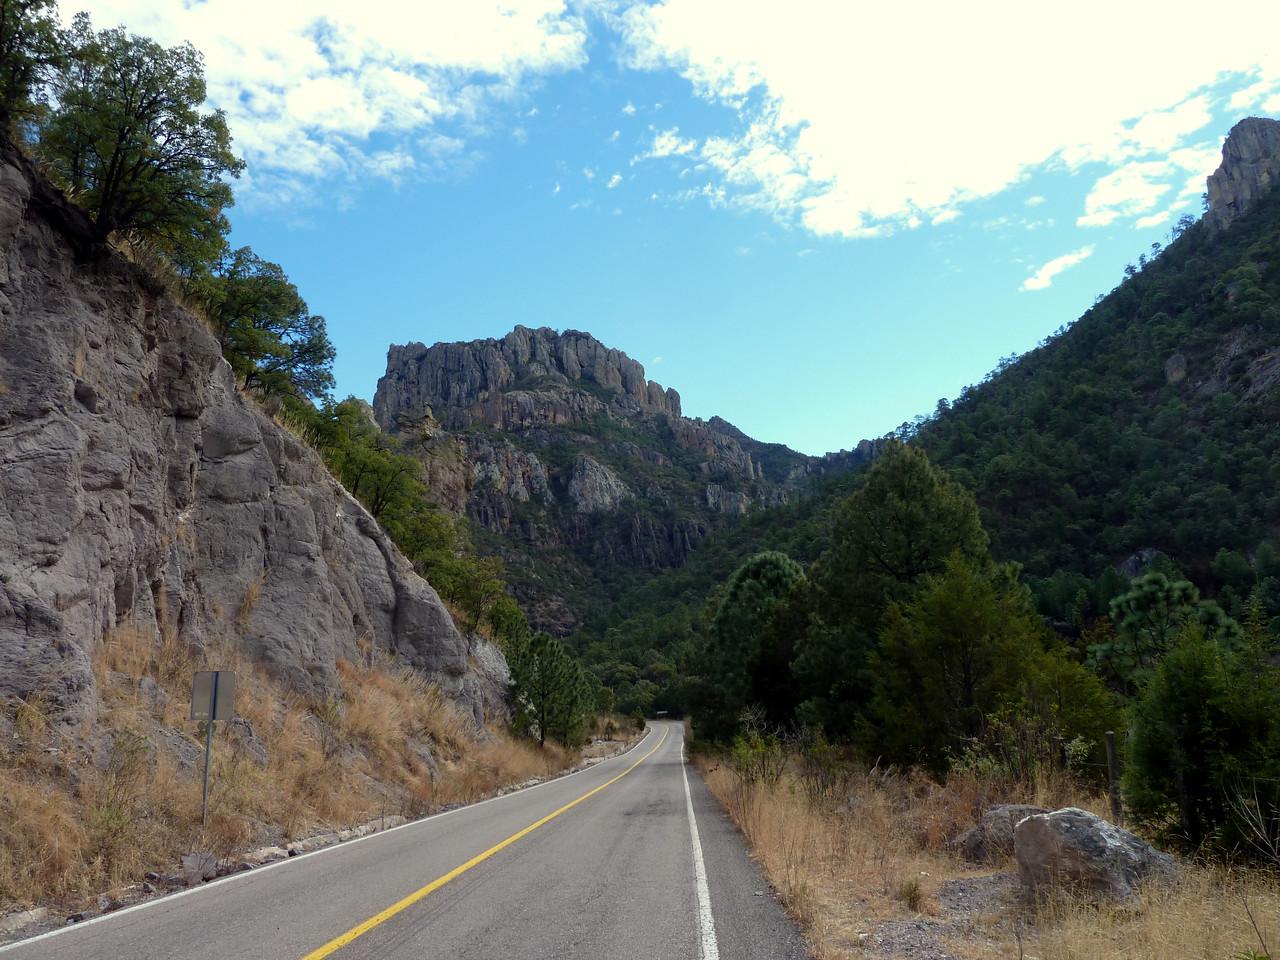 Roadside cliffs.